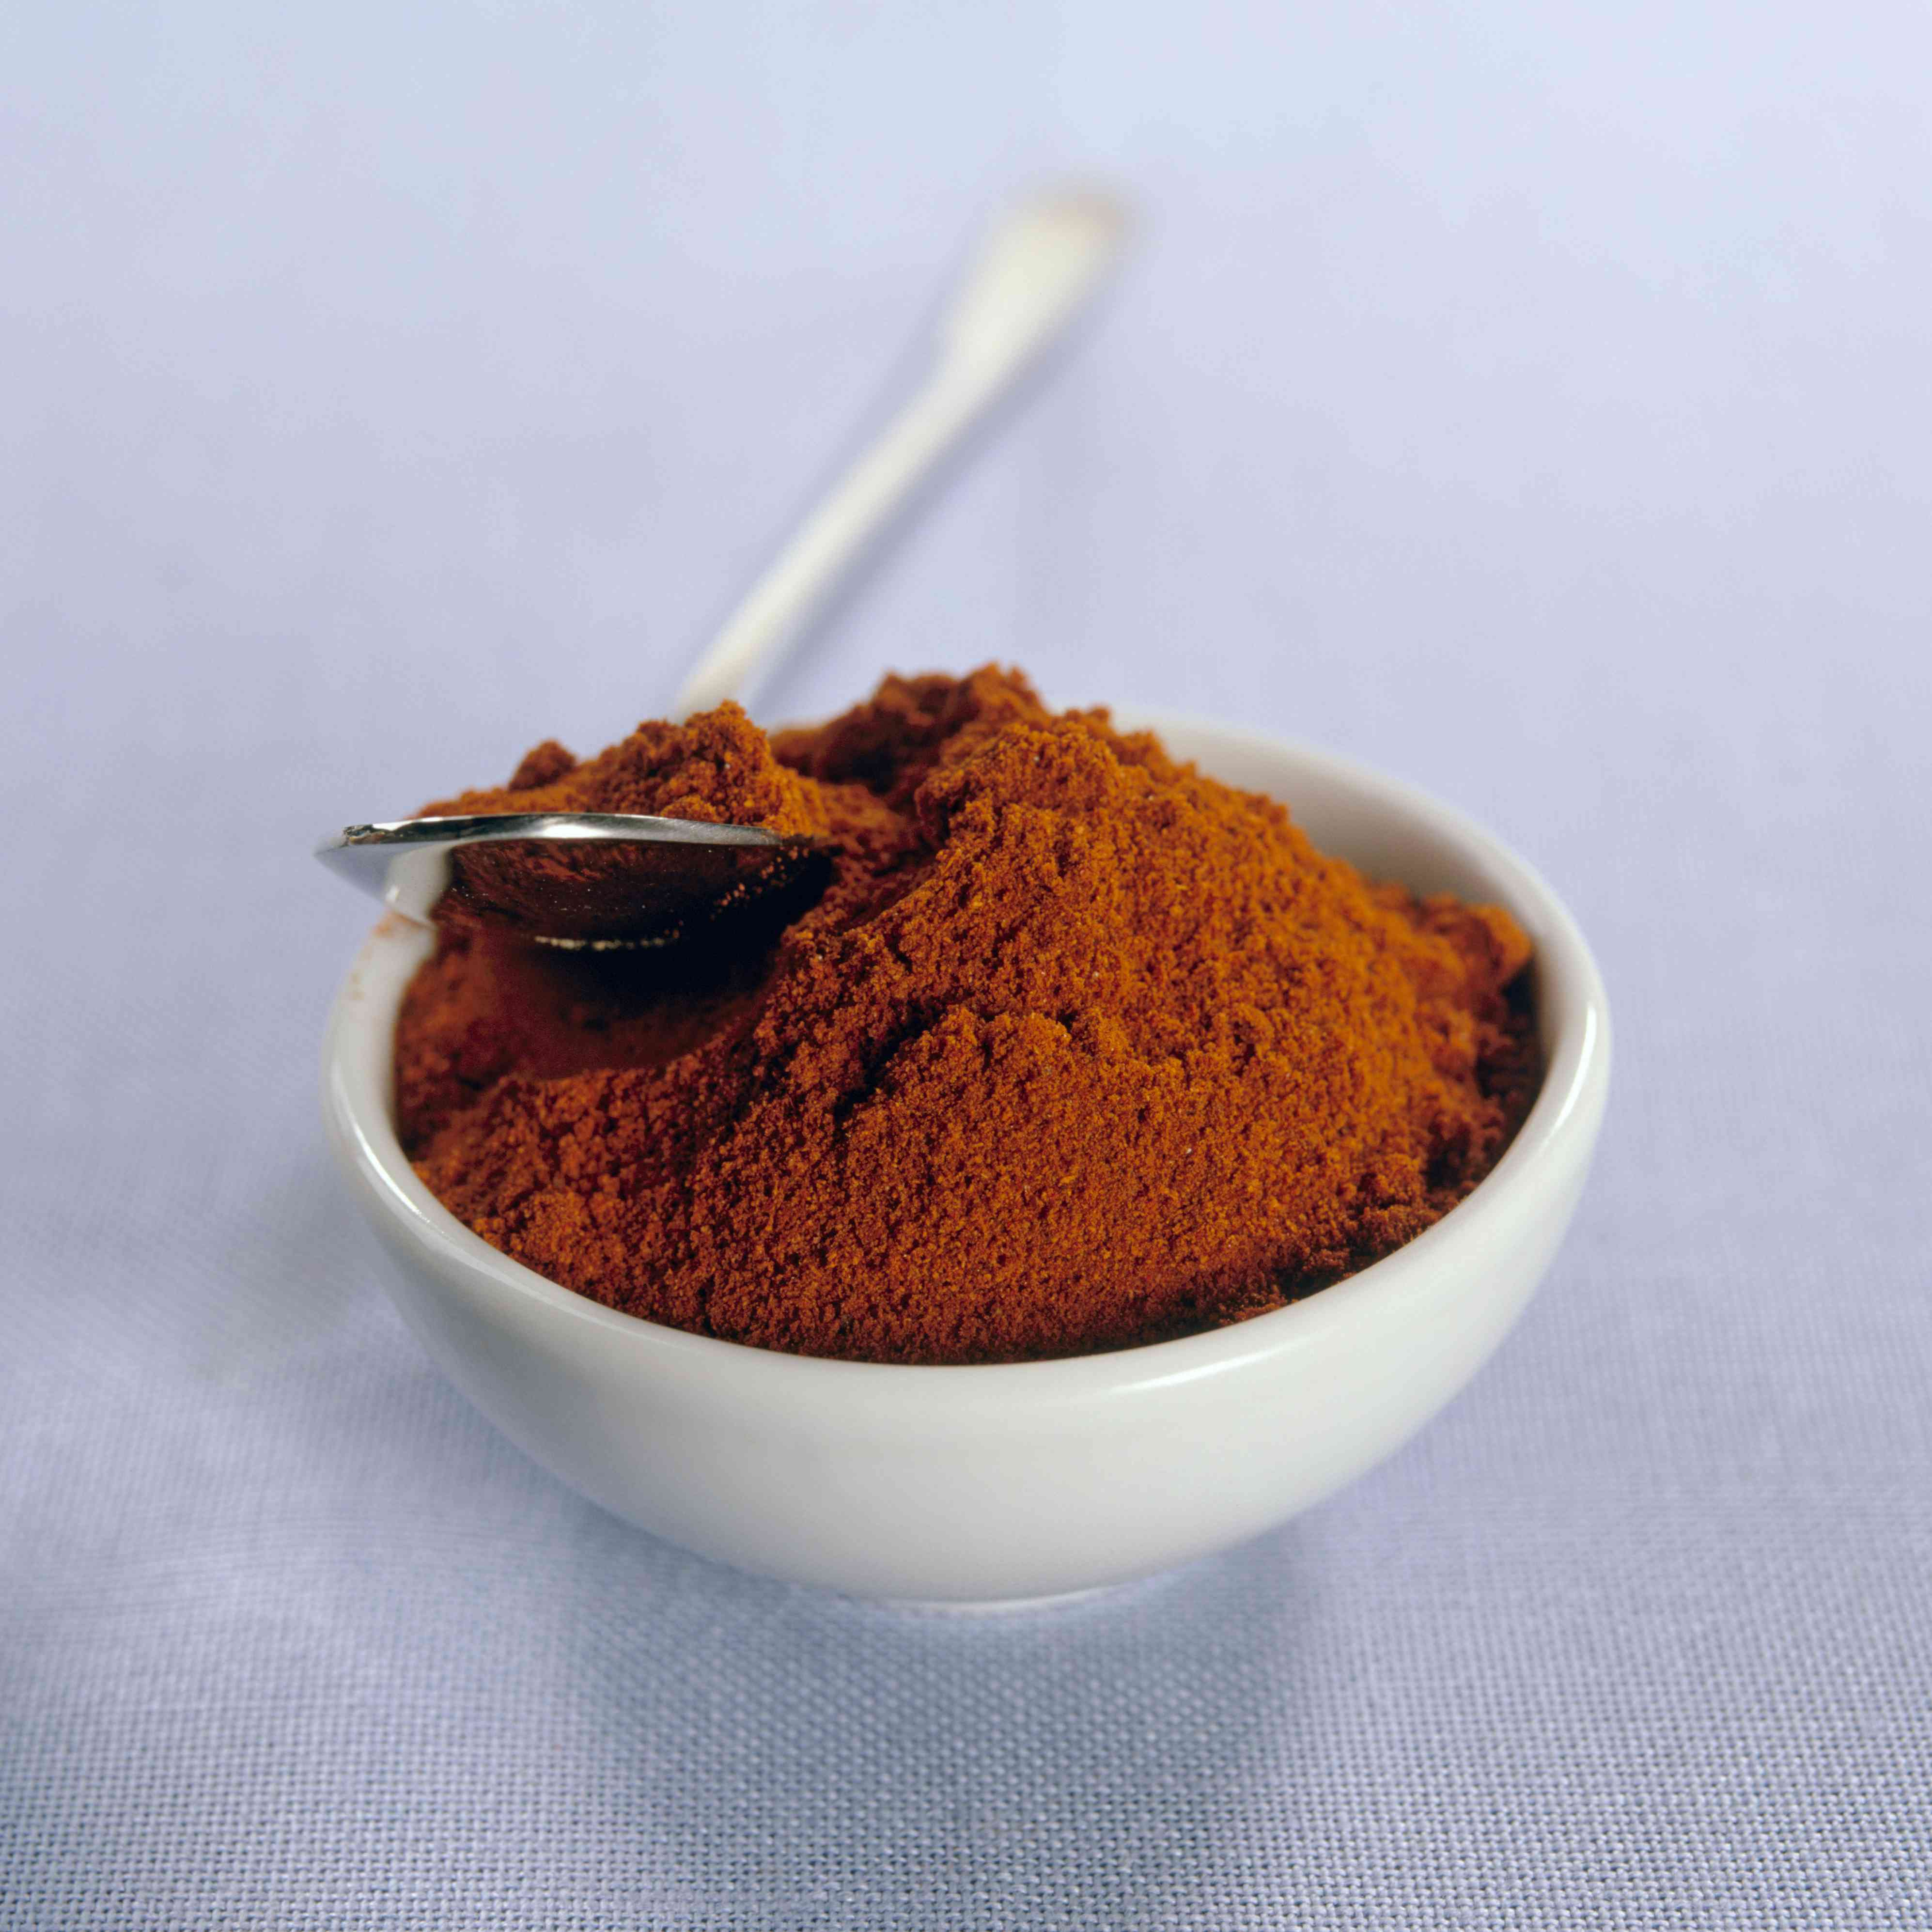 Bowl of paprika, spoon